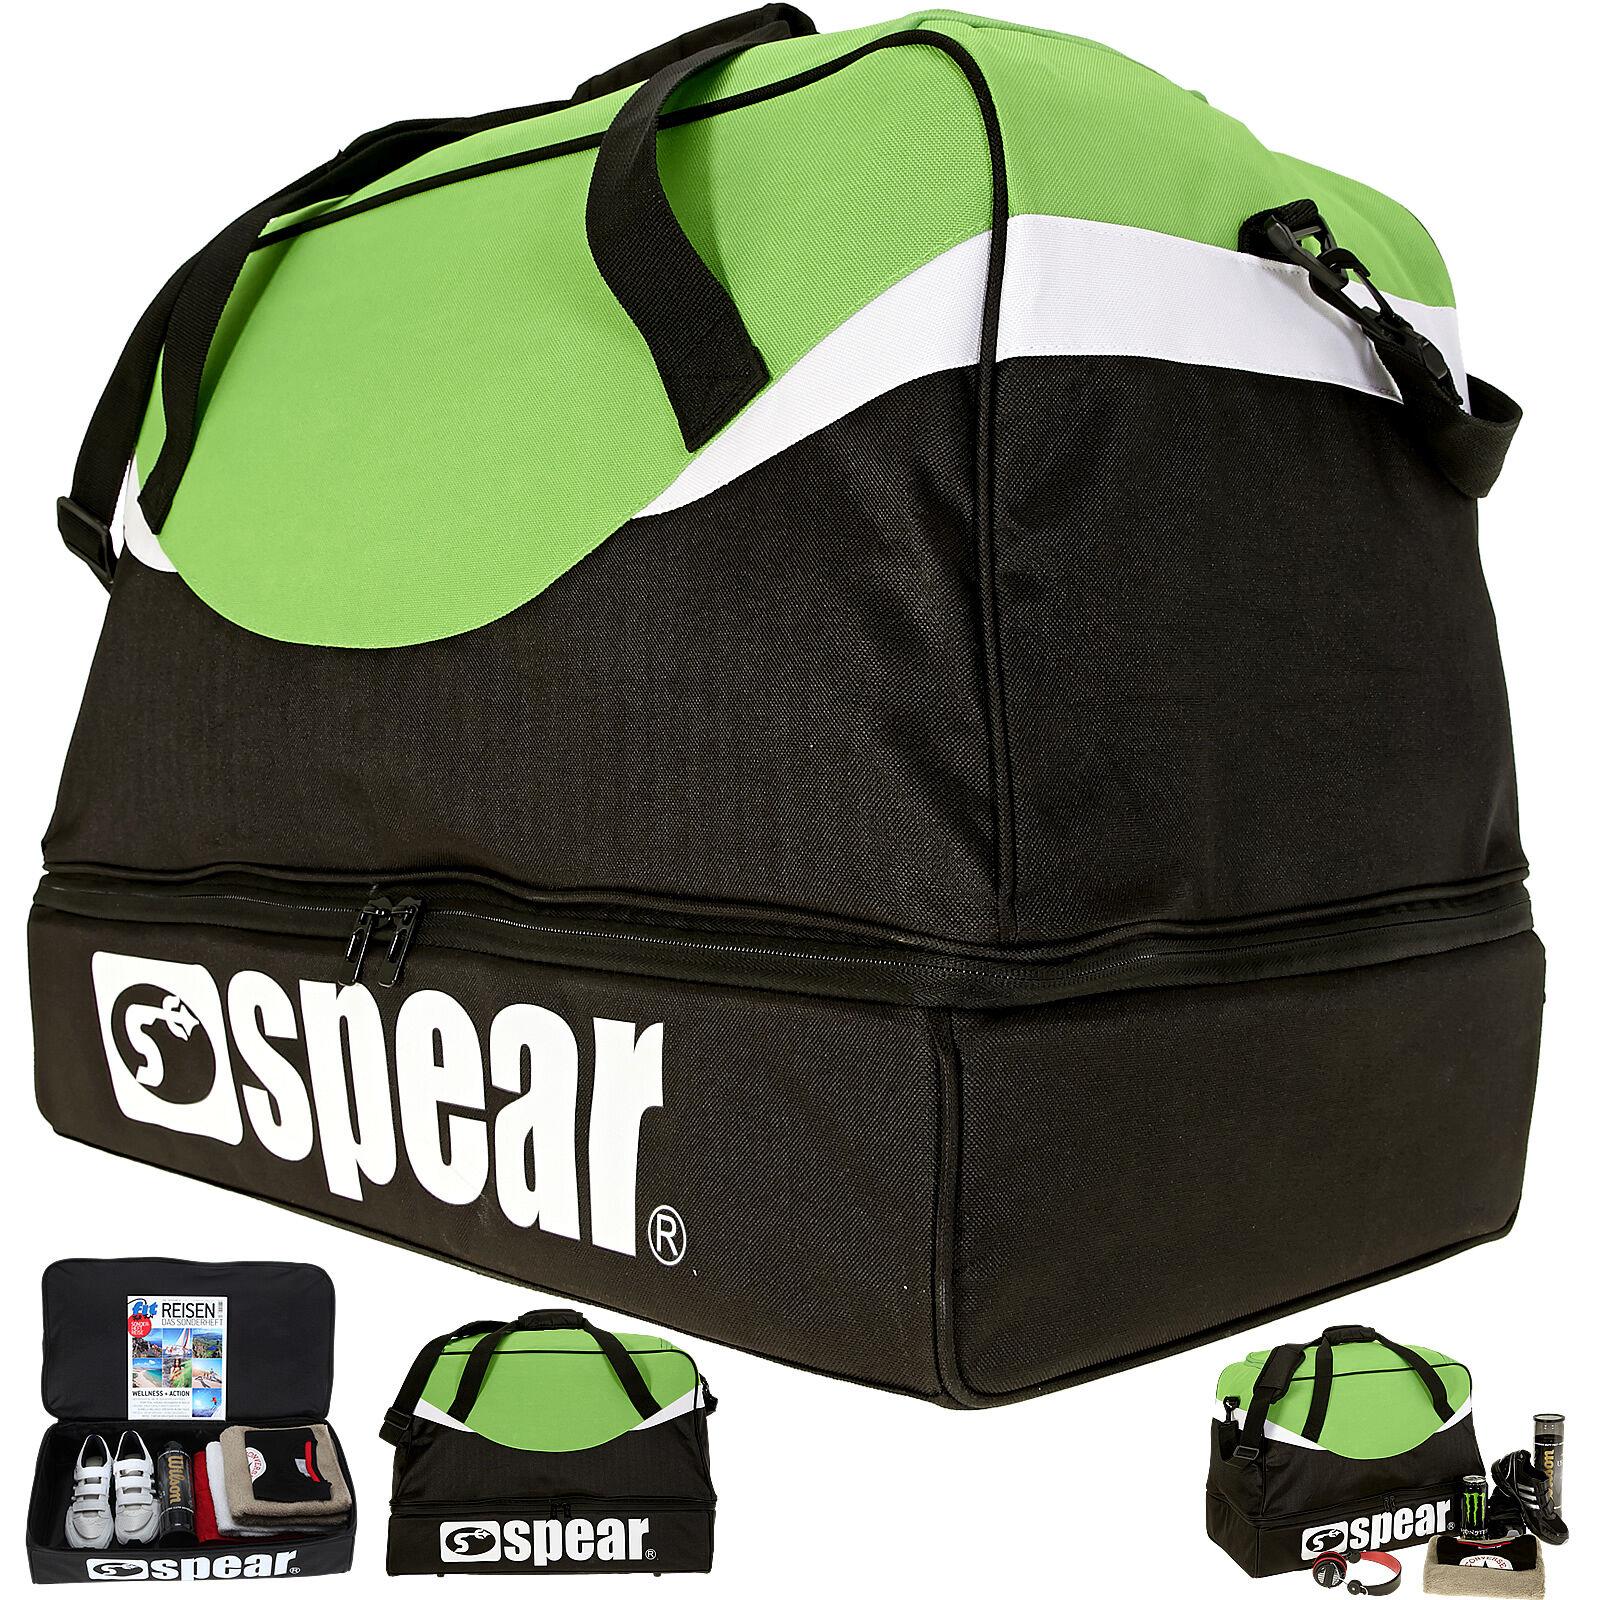 sporttasche spear big xxl 70 liter sport tasche reisetasche fu balltasche wahl chf. Black Bedroom Furniture Sets. Home Design Ideas